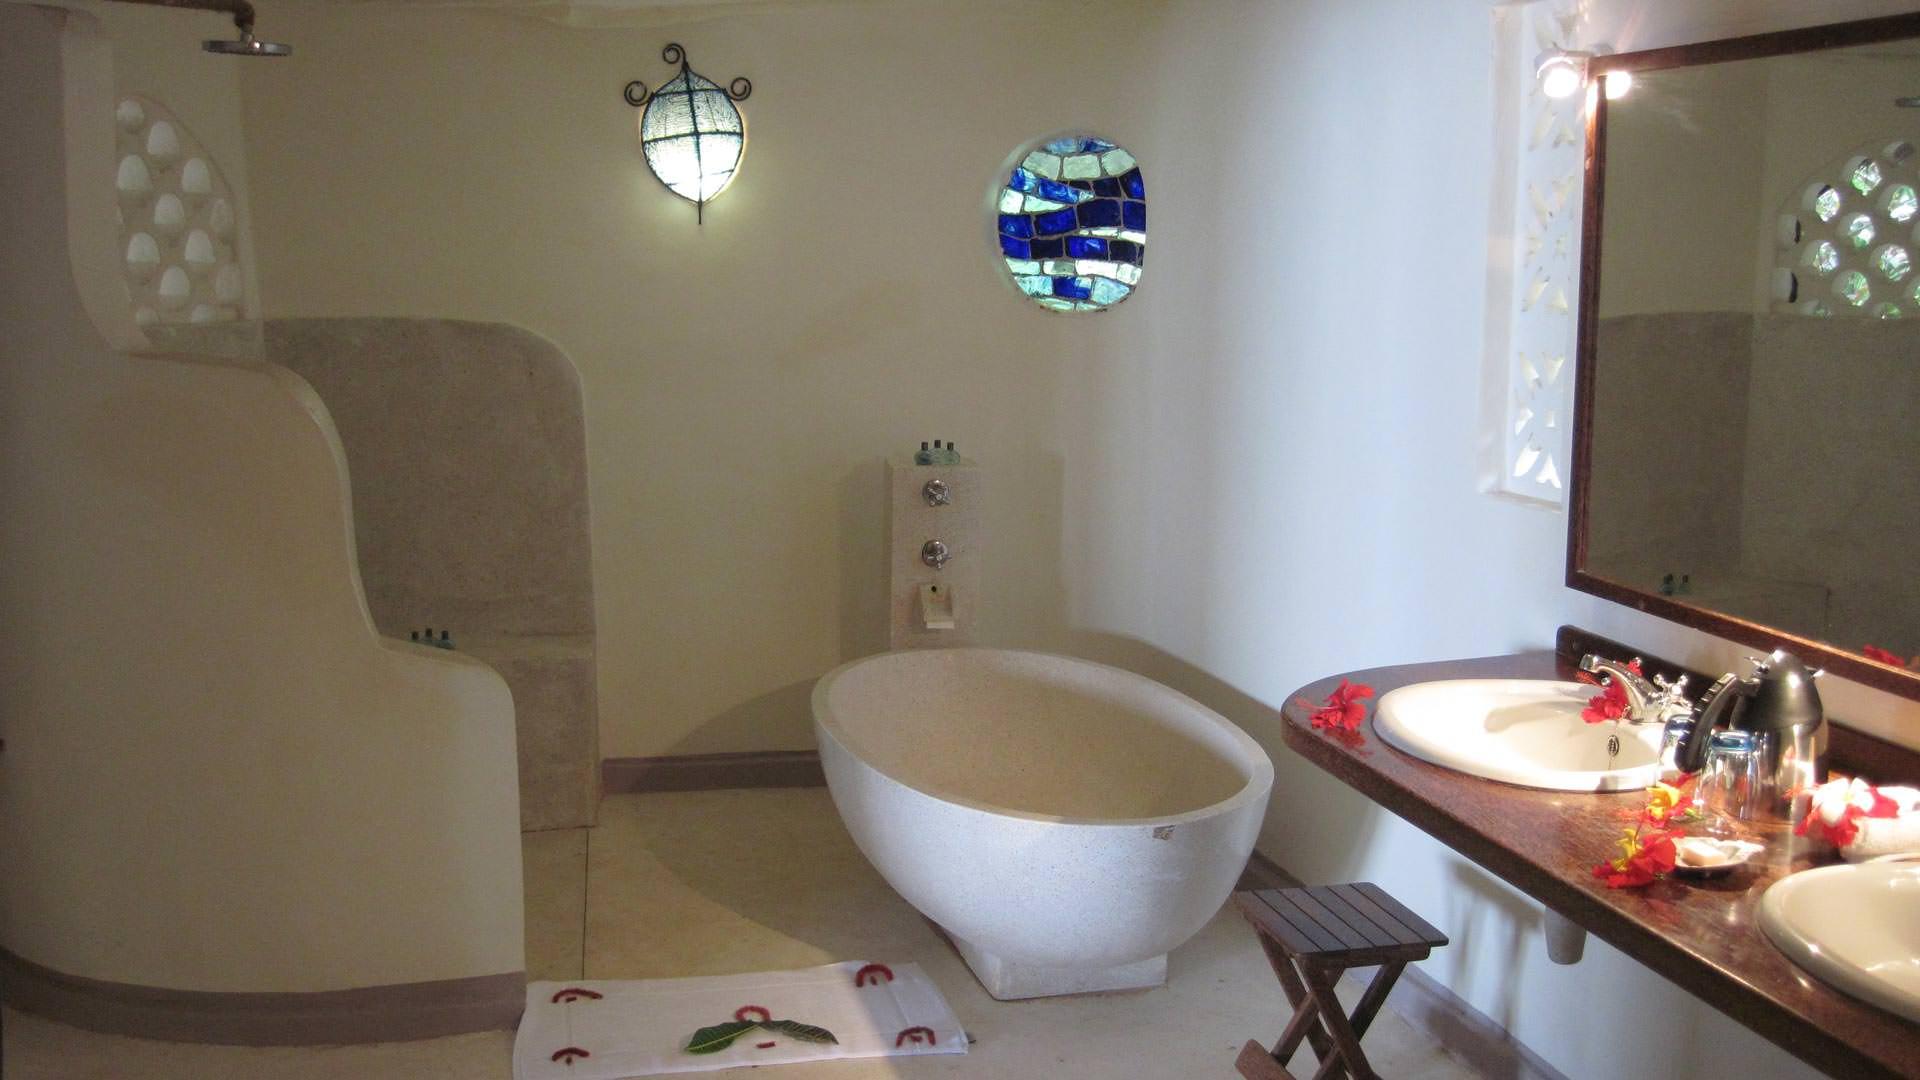 Matemwe bathroom